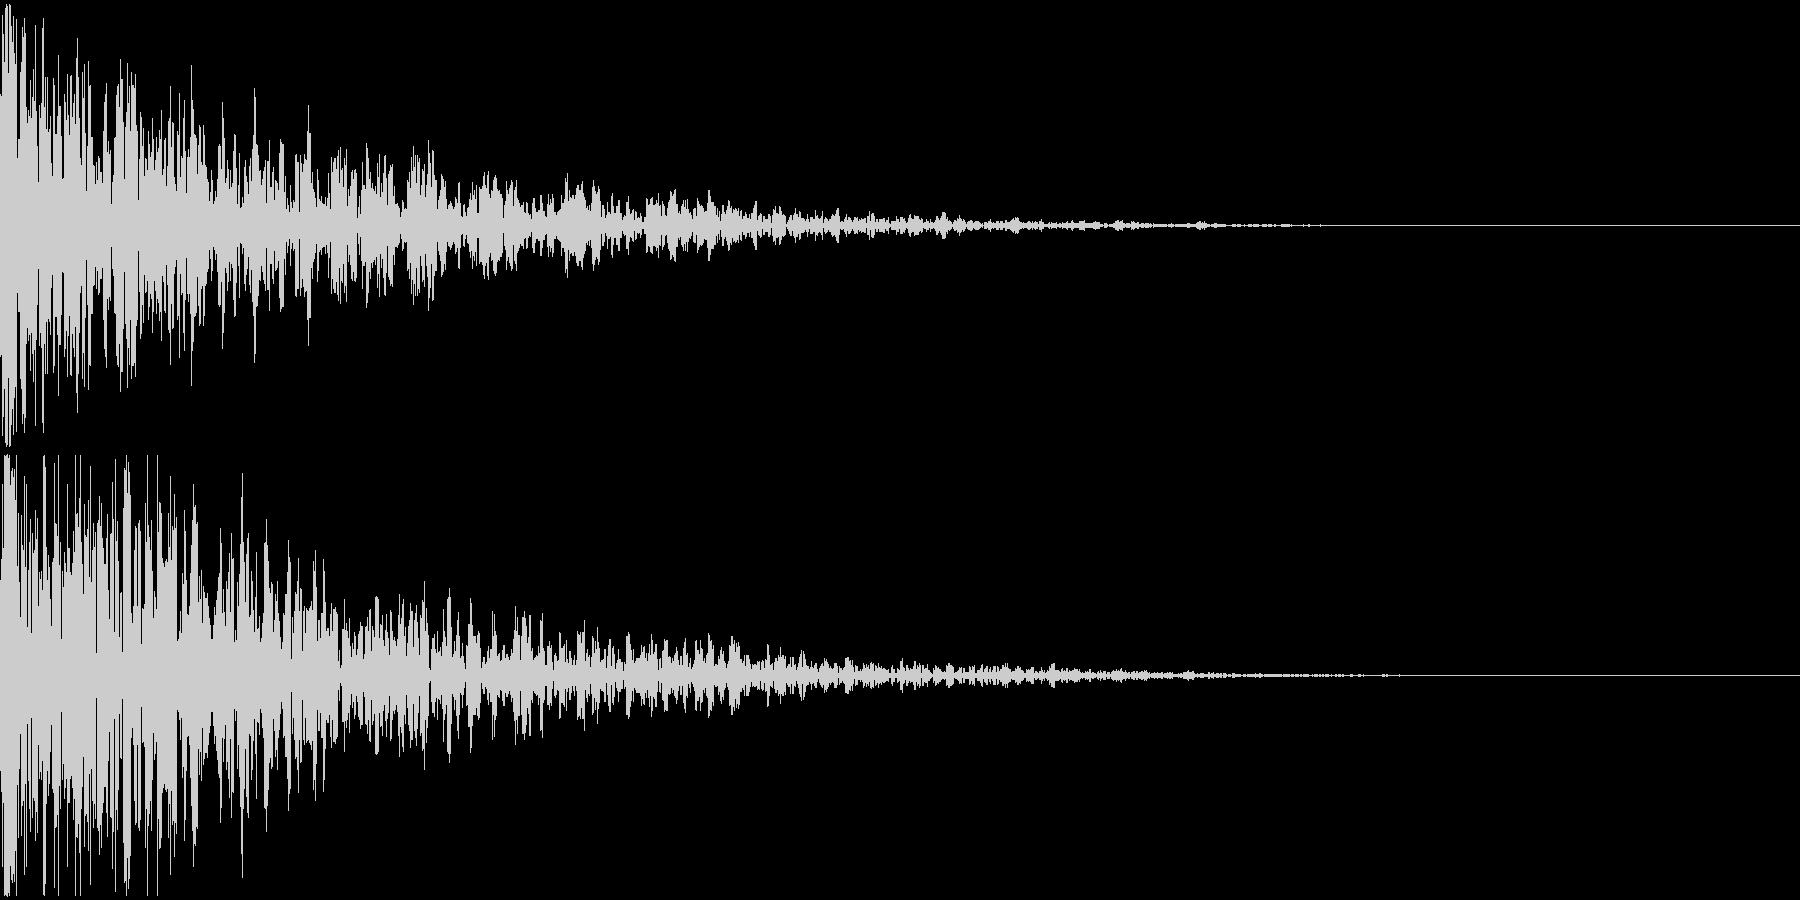 ドーン-13-2(インパクト音)の未再生の波形